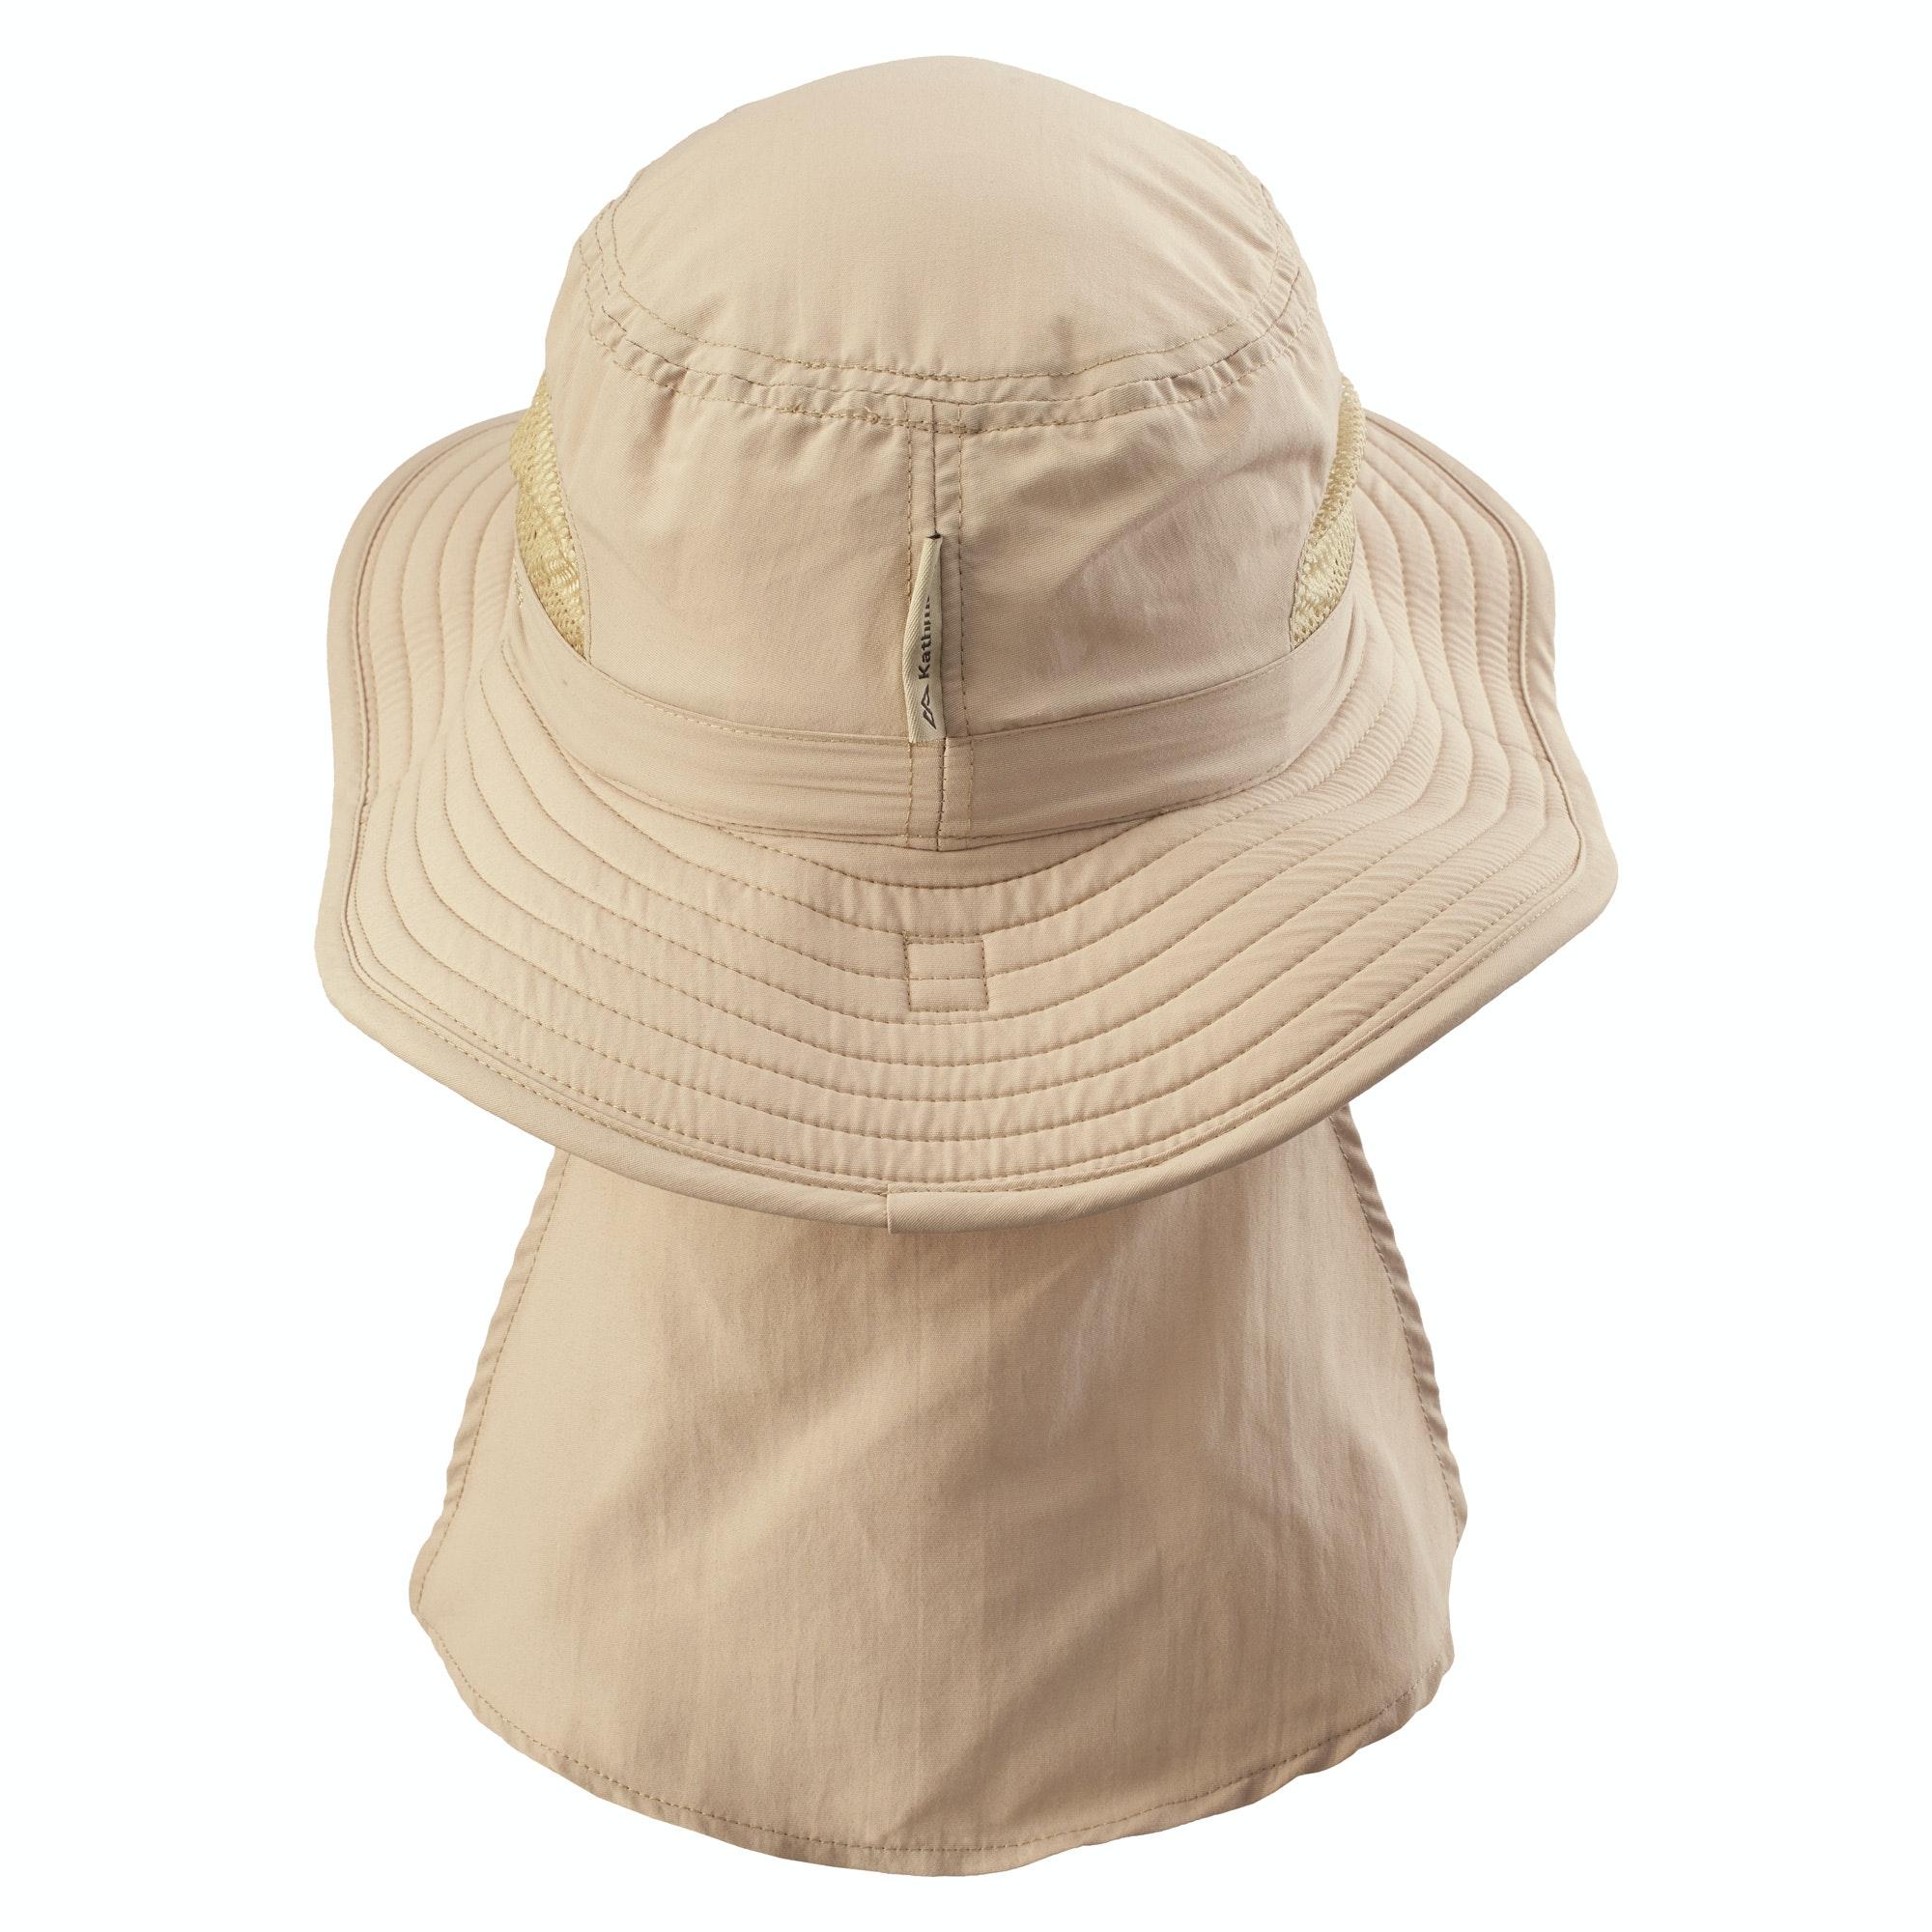 Kathmandu-buzzGUARD-Men-039-s-Women-039-s-Wide-Brim-Insect-Repellent-Neck-Flap-Sun-Hat